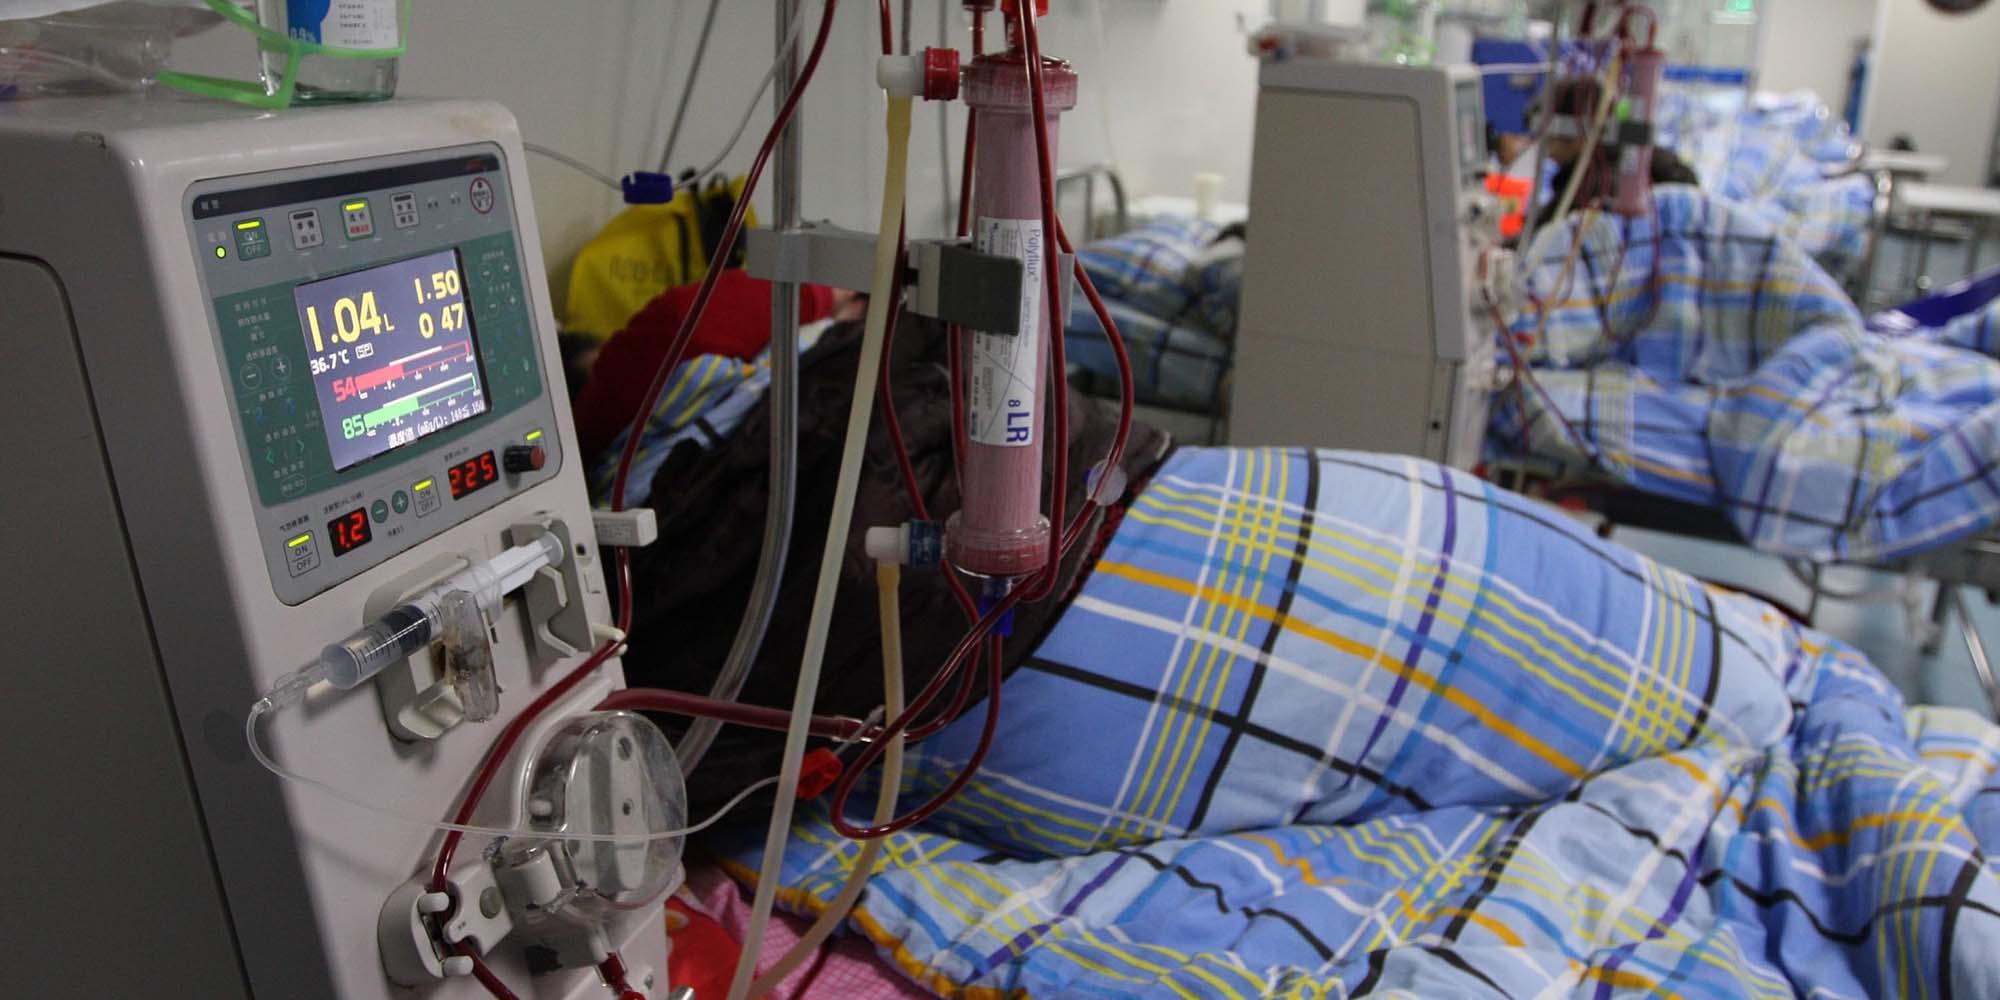 ผลการค้นหารูปภาพสำหรับ 69 Dialysis Patients Infected With Hepatitis C in Jiangsu